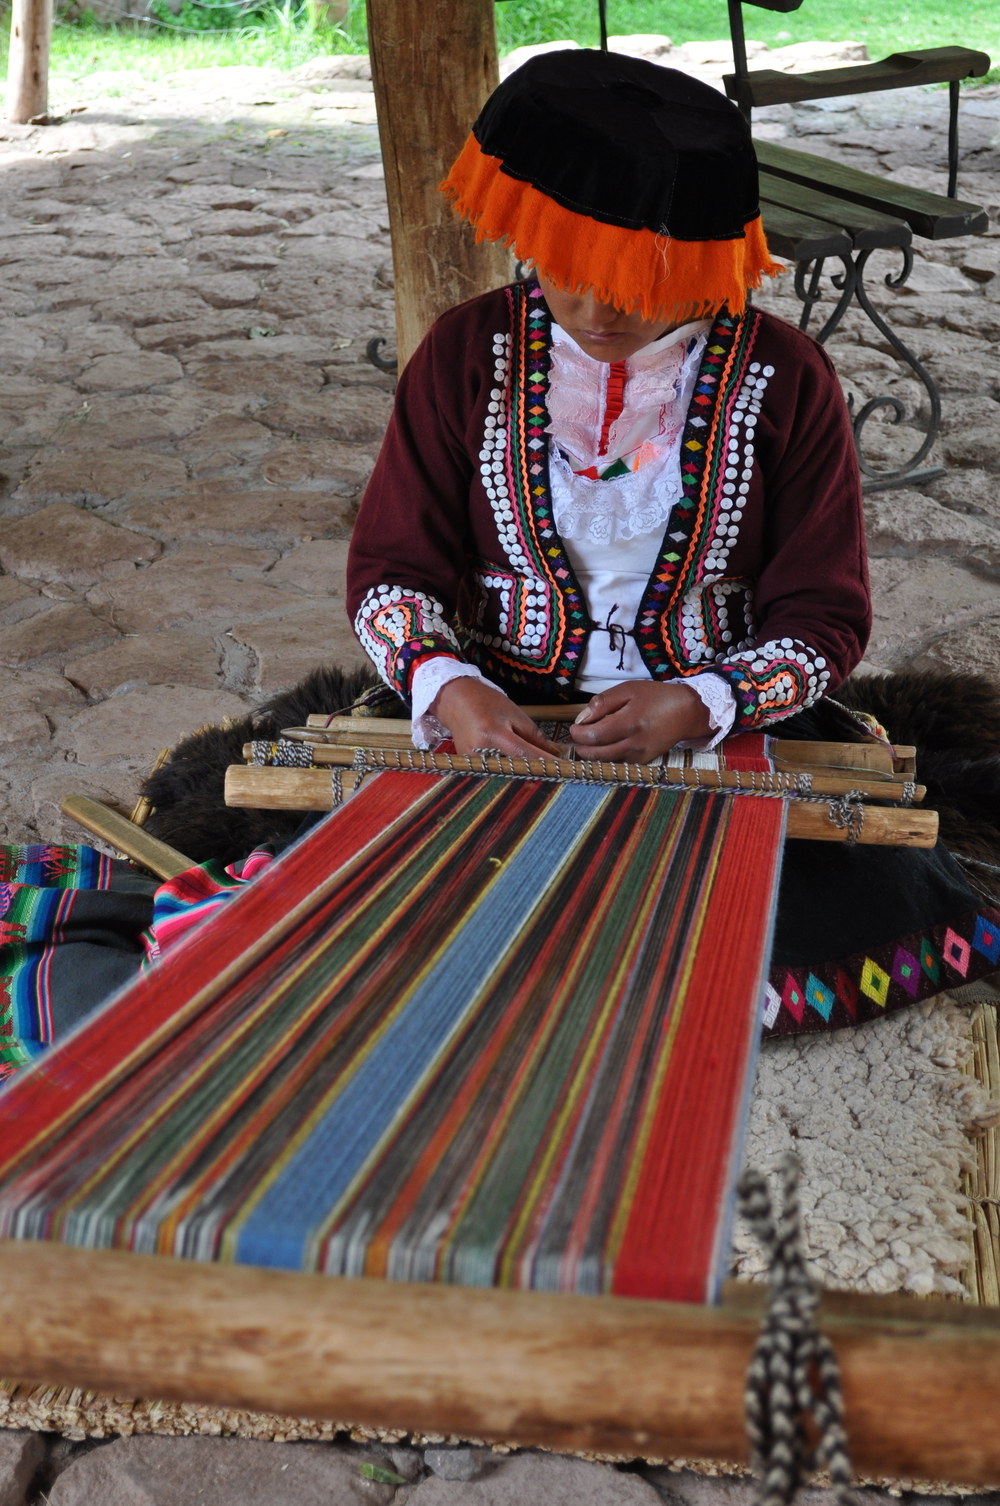 Existen alrededor de treinta y cinco tonos de color de lana de las llamas. Foto: Pamy Rojas